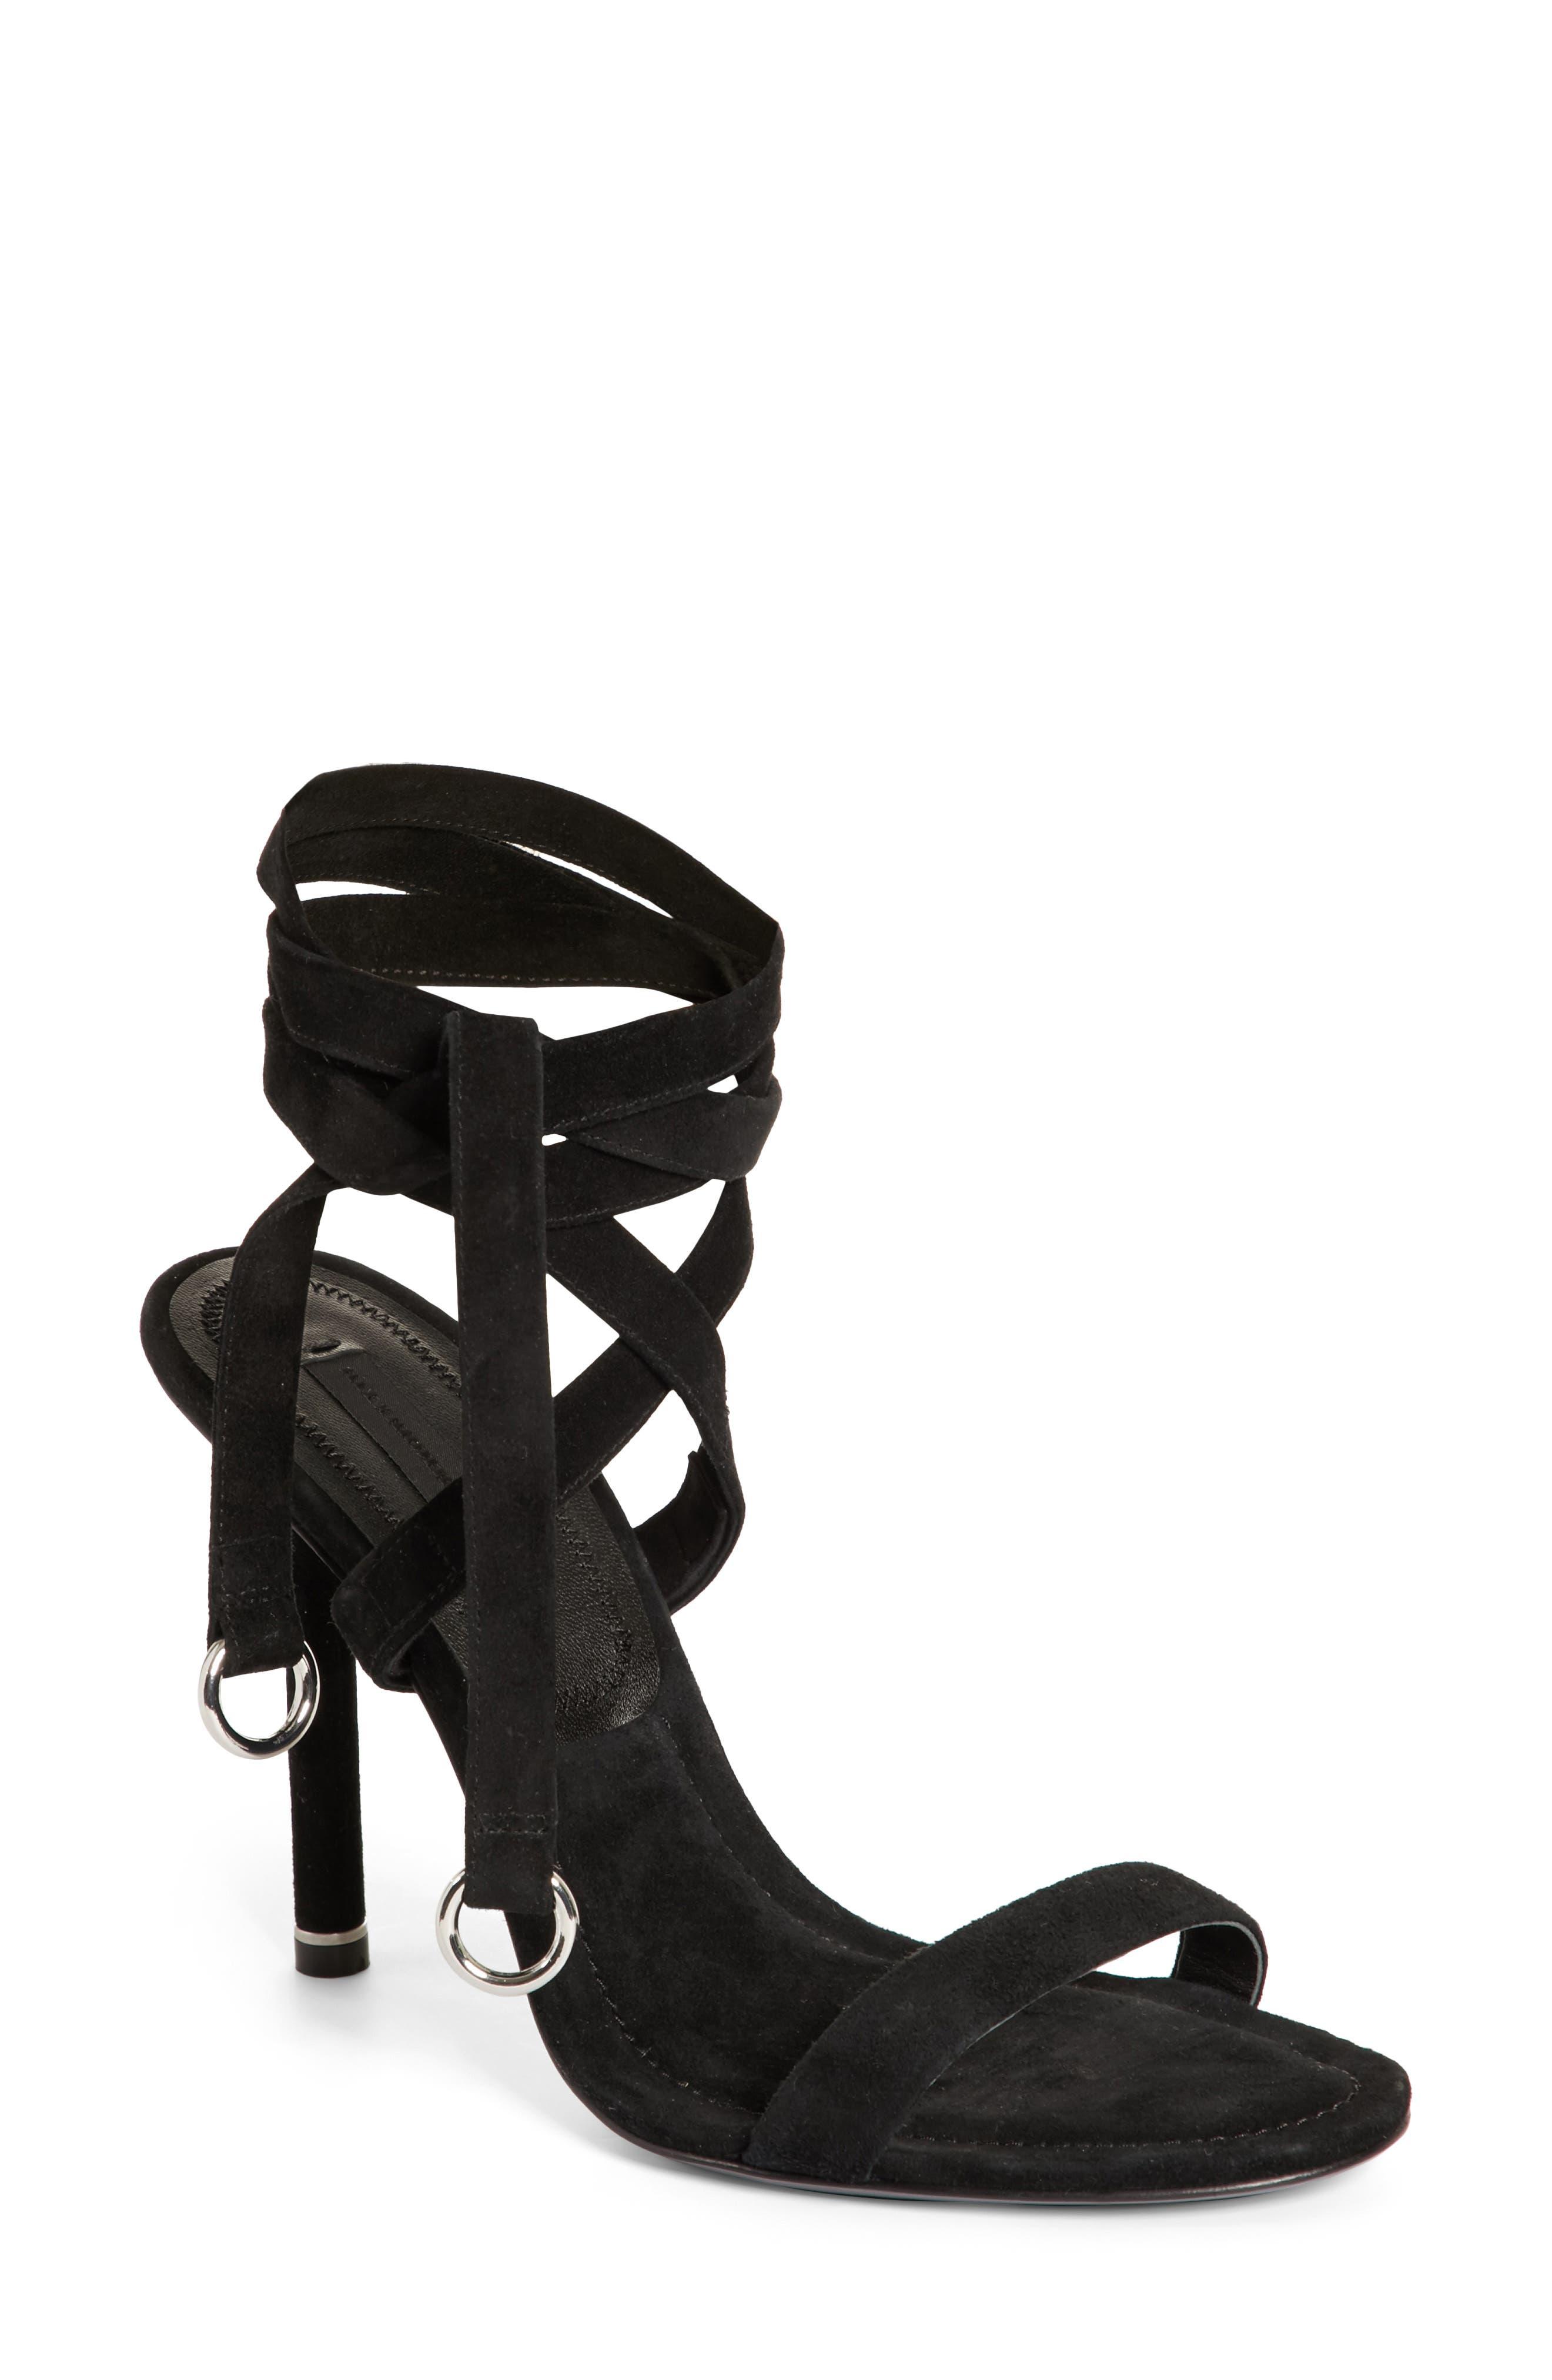 Evie Ankle Tie Sandal,                             Main thumbnail 1, color,                             Black